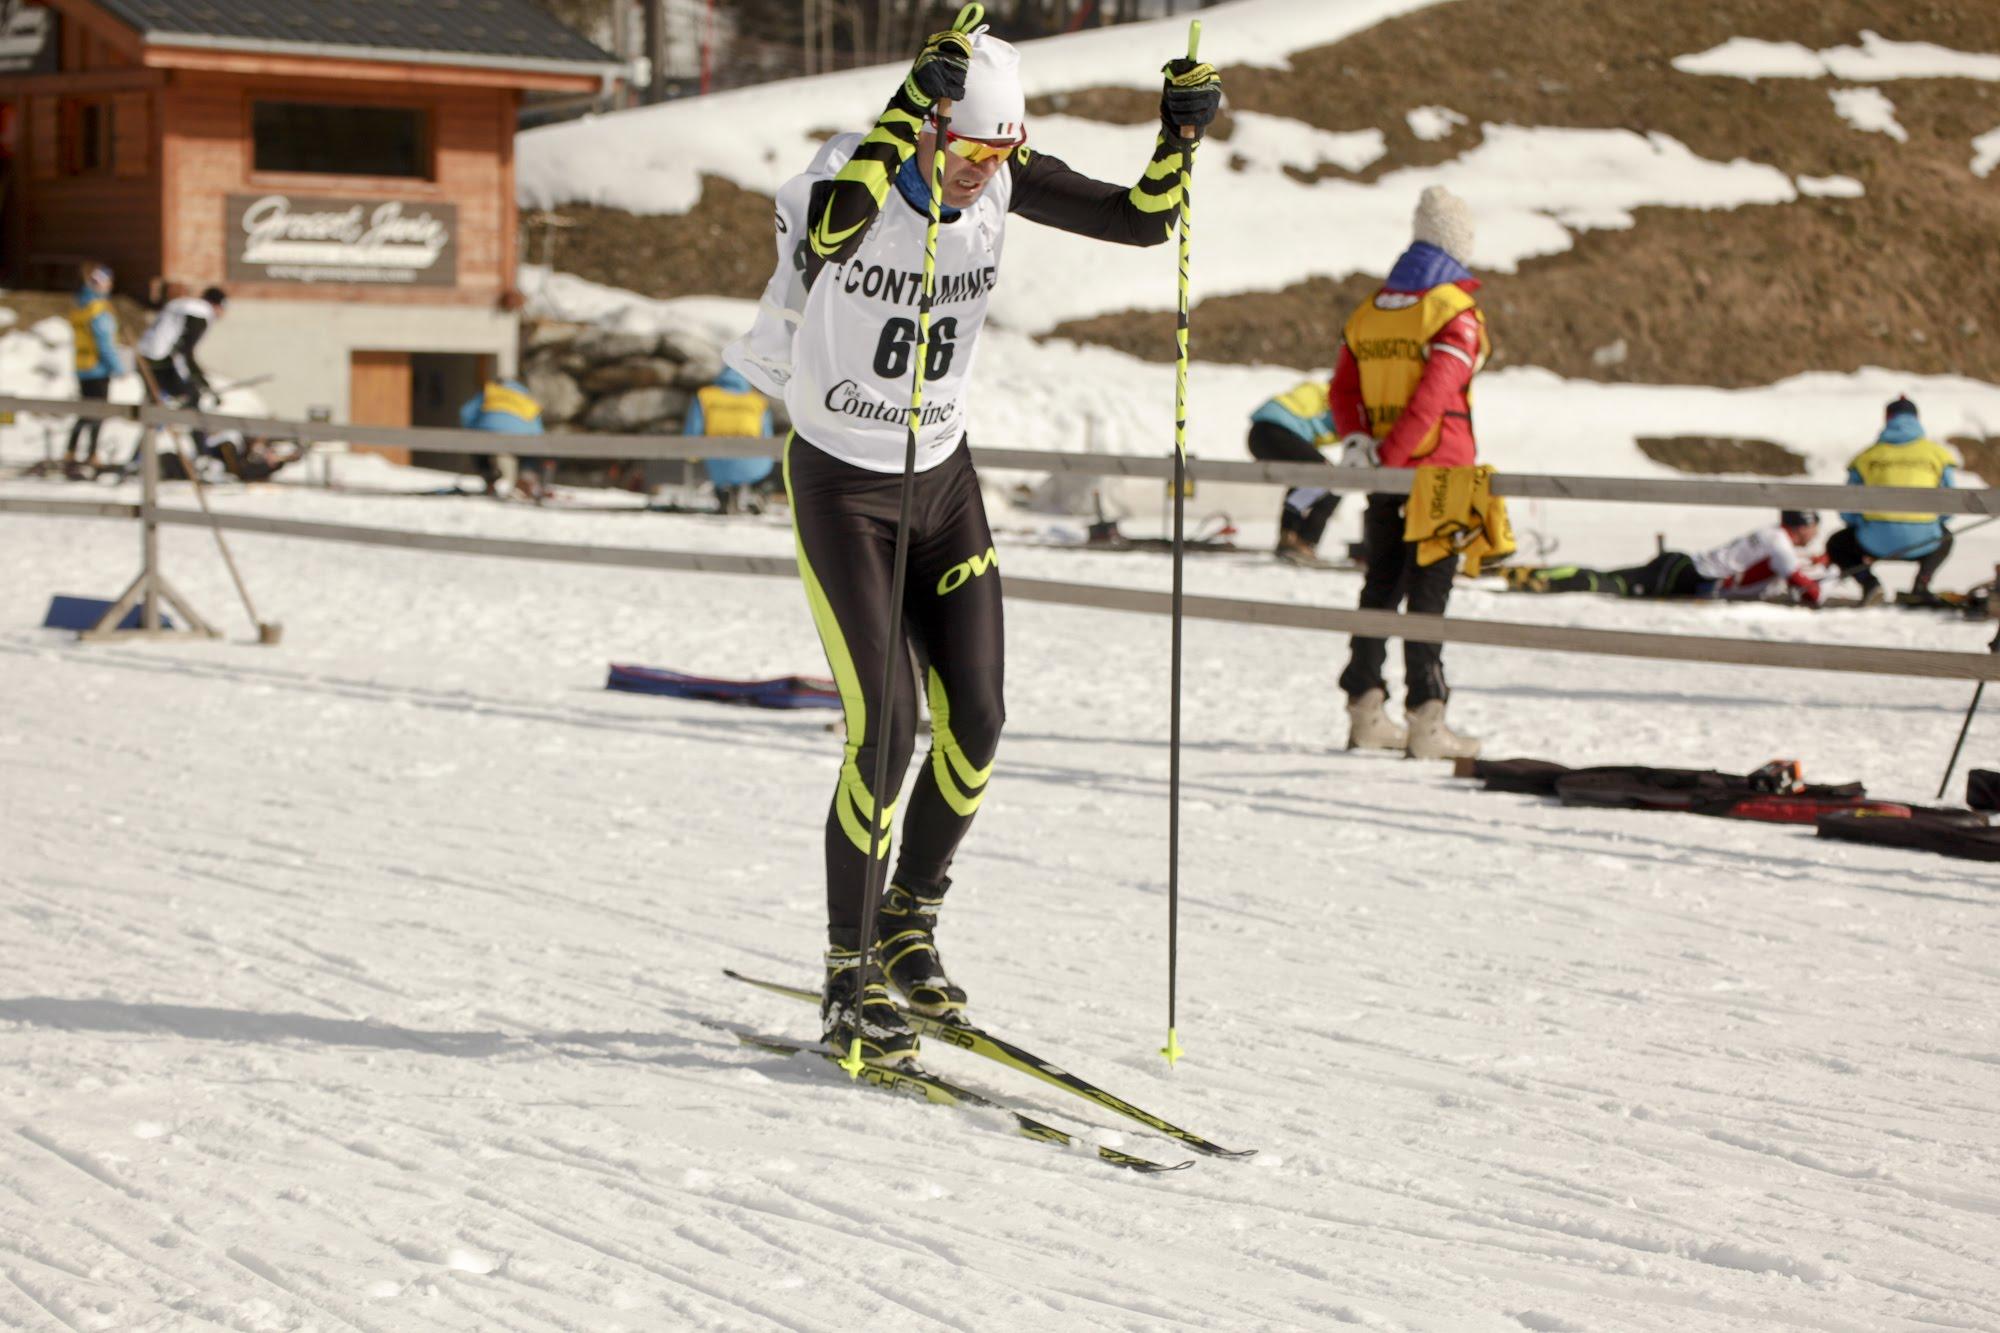 180224-BiathlonImpulse-Contamines-011